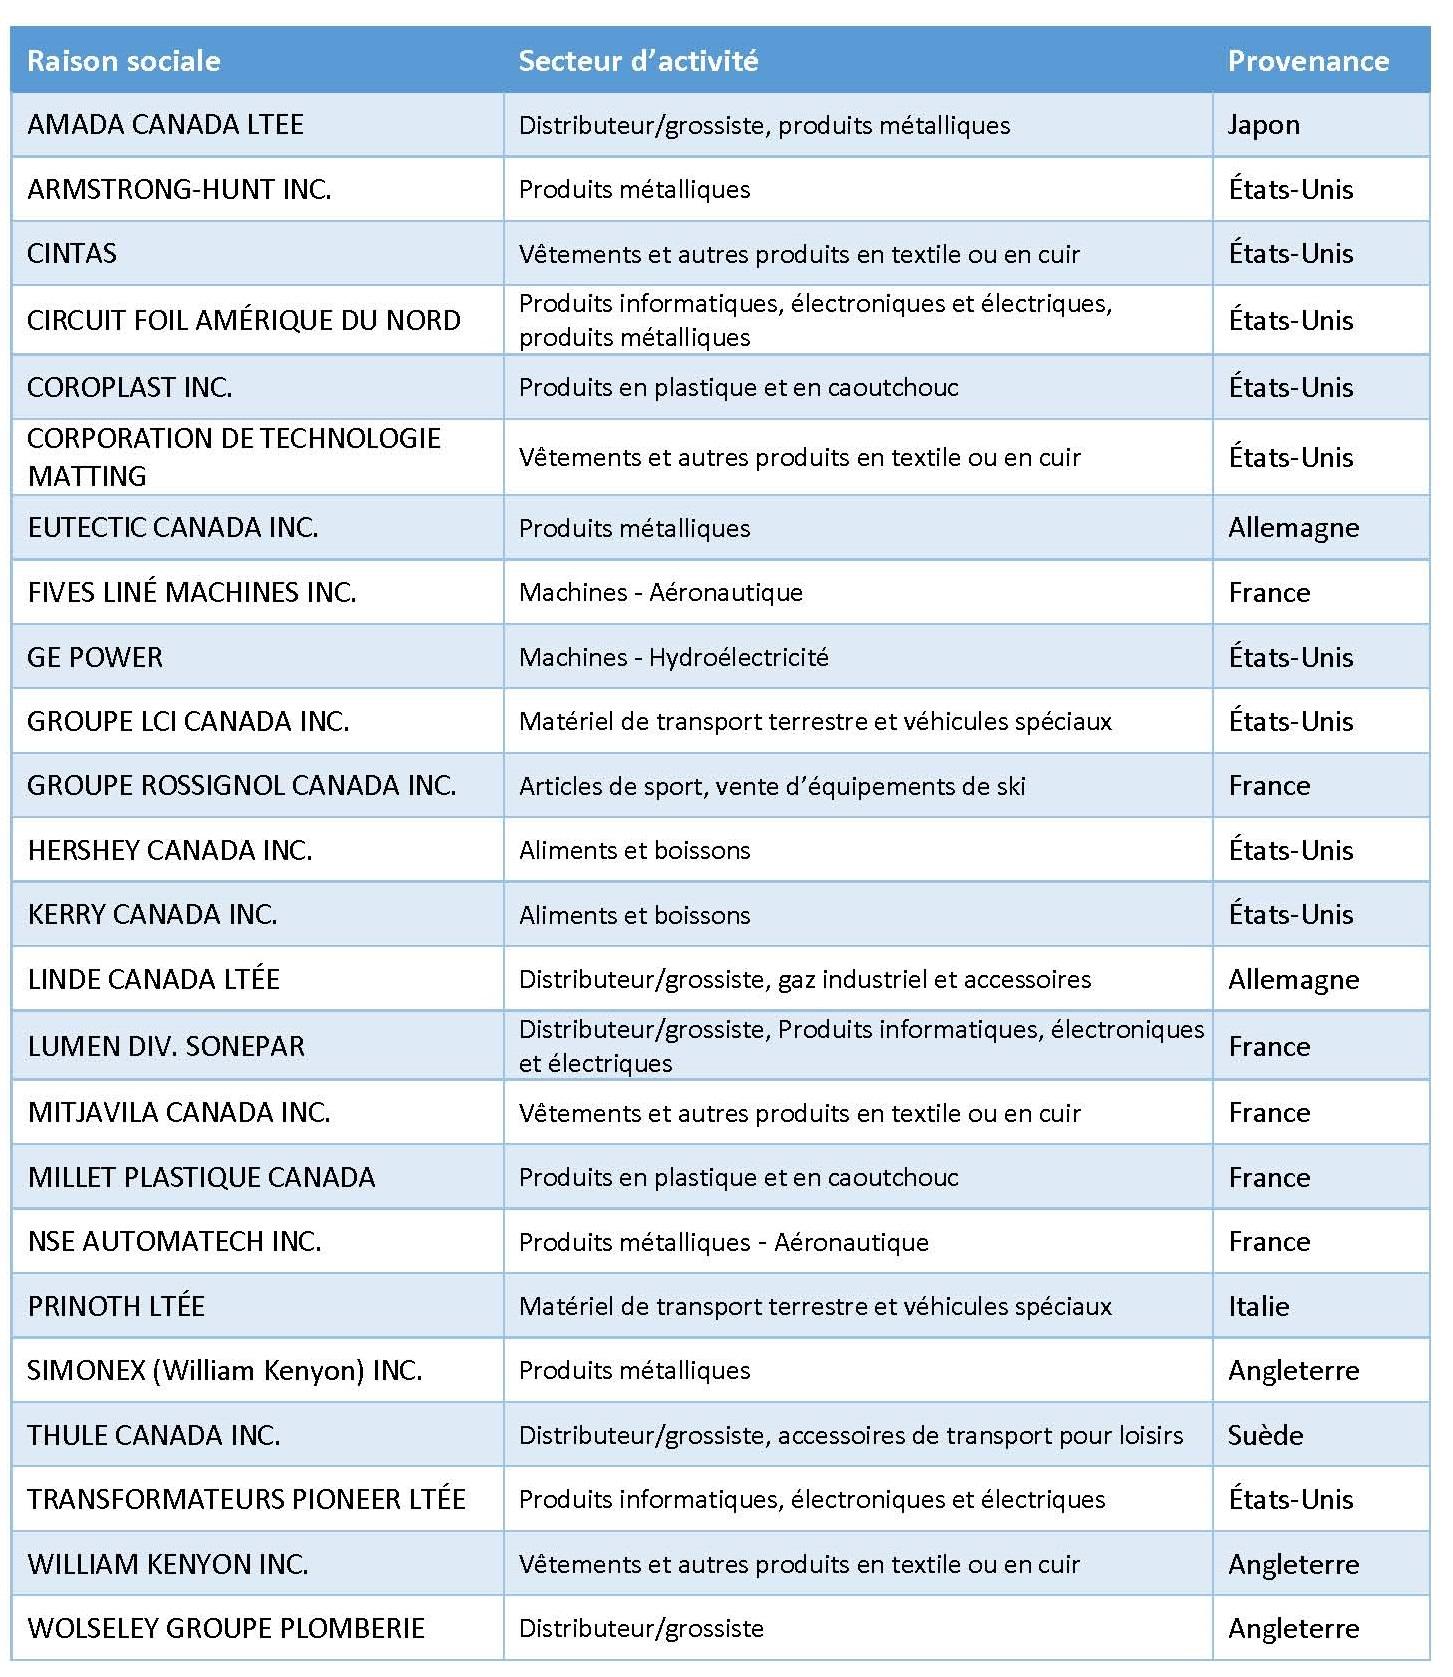 Filiales de sociétés étrangères 26 juin 2019